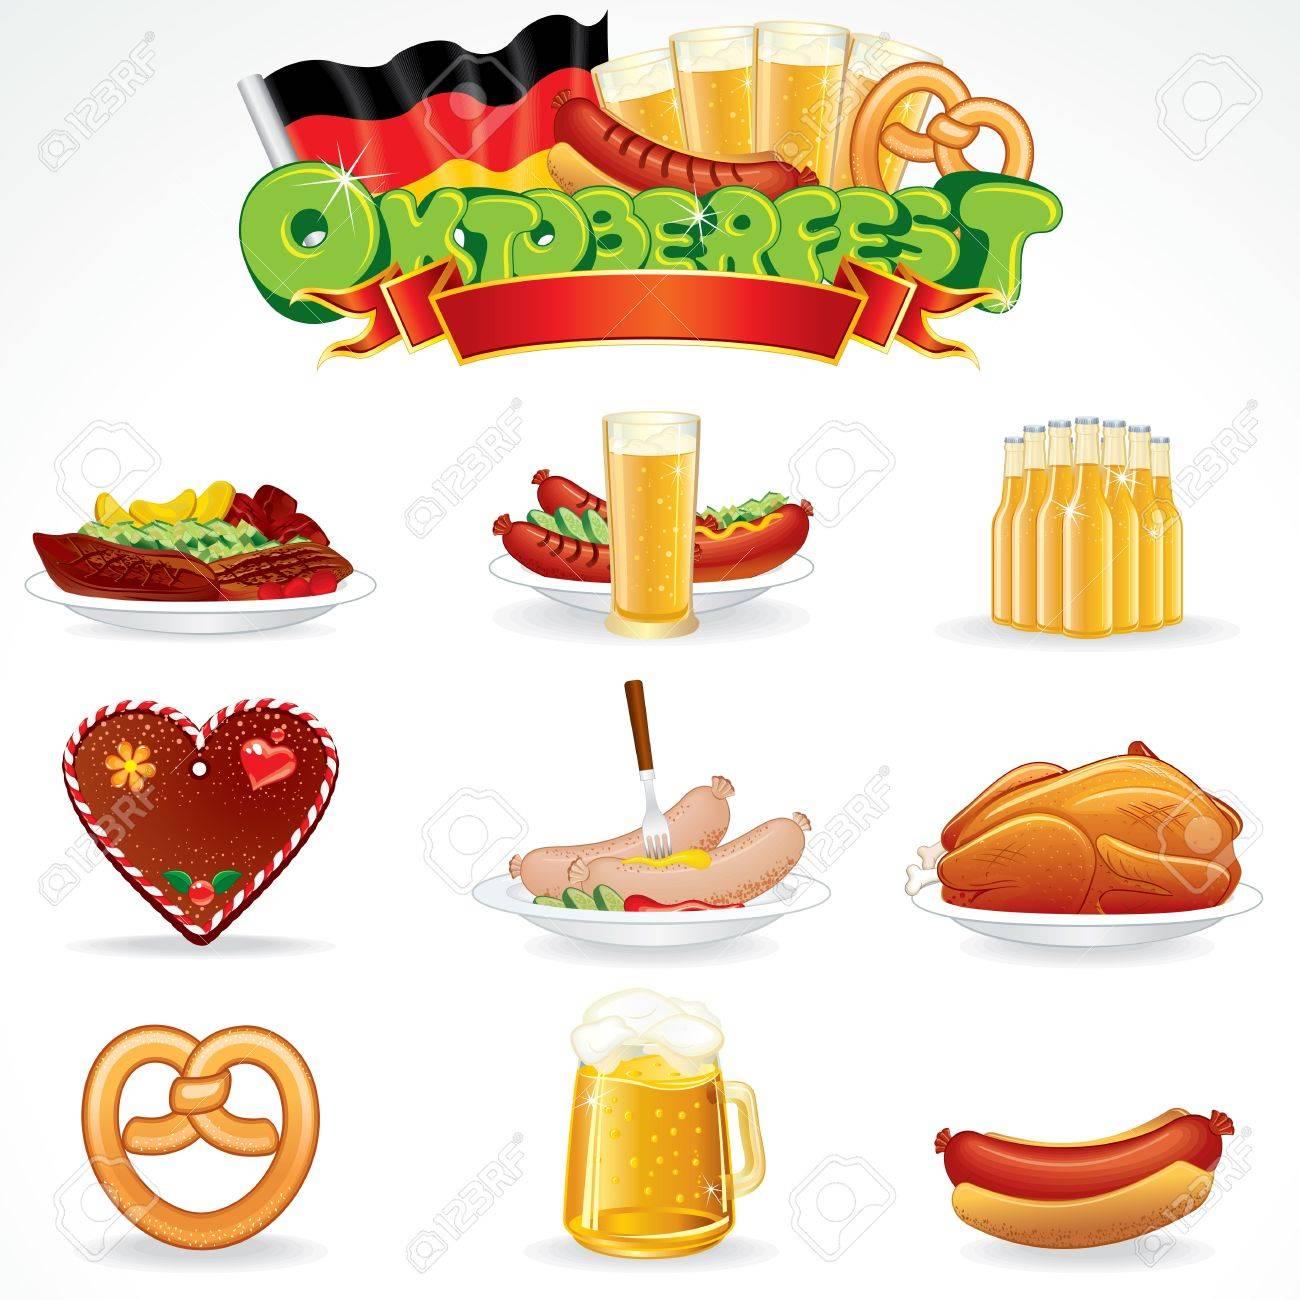 オクトーバーフェストの食品と飲み物アイコン クリップアートします の